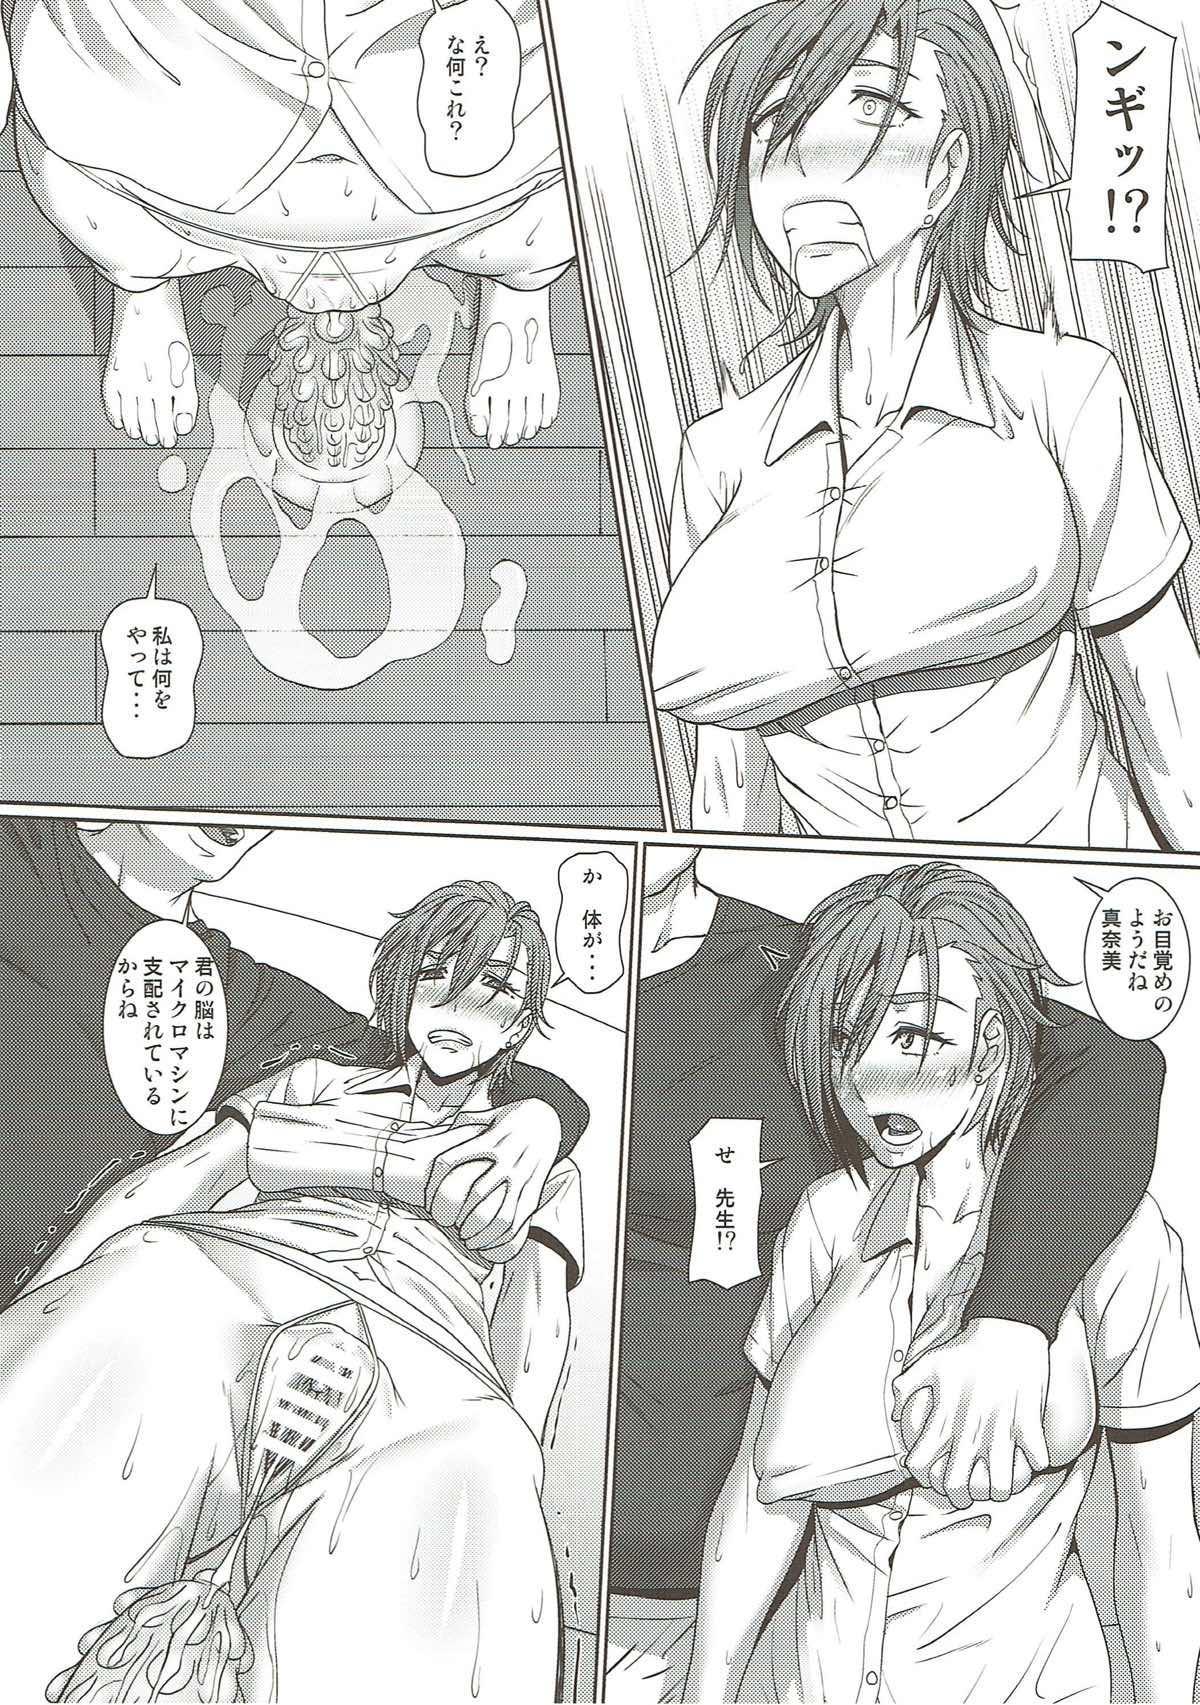 Kago no Tori 10